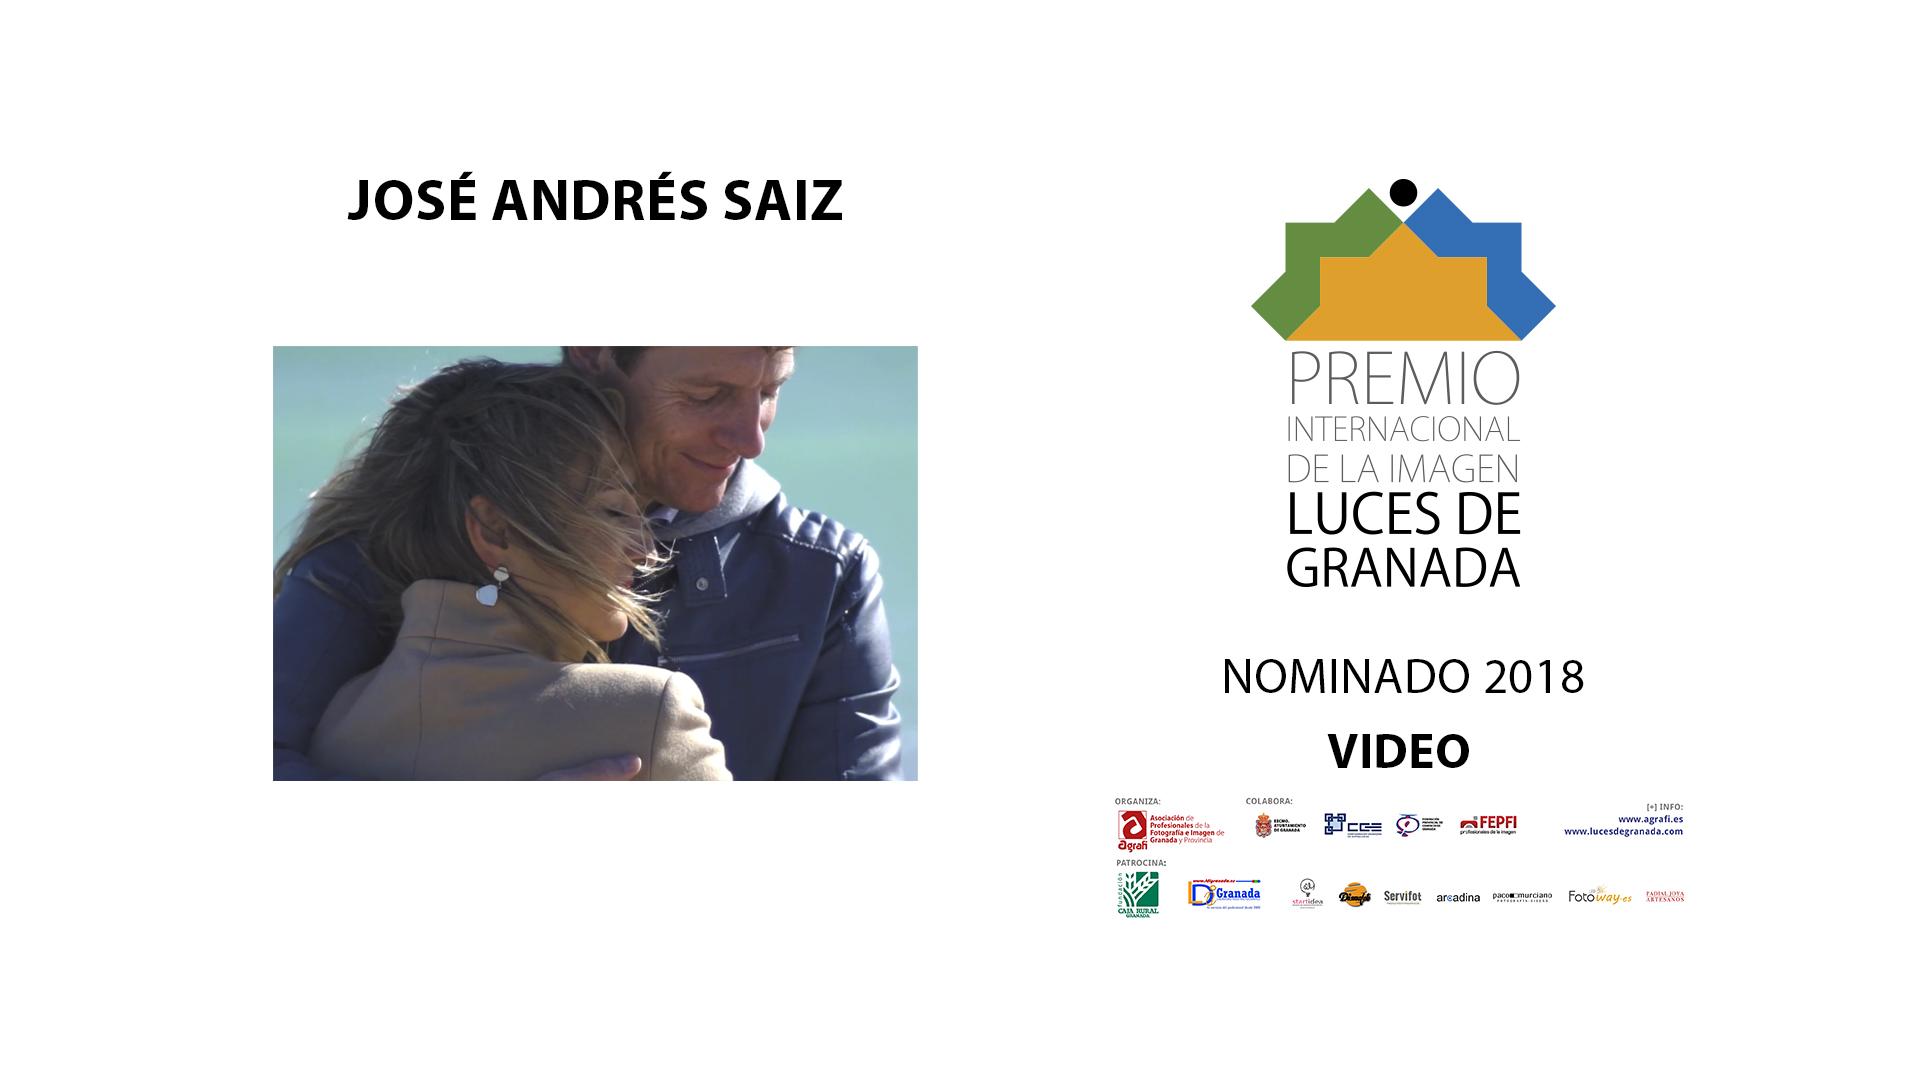 JOSE ANDRES SAIZ